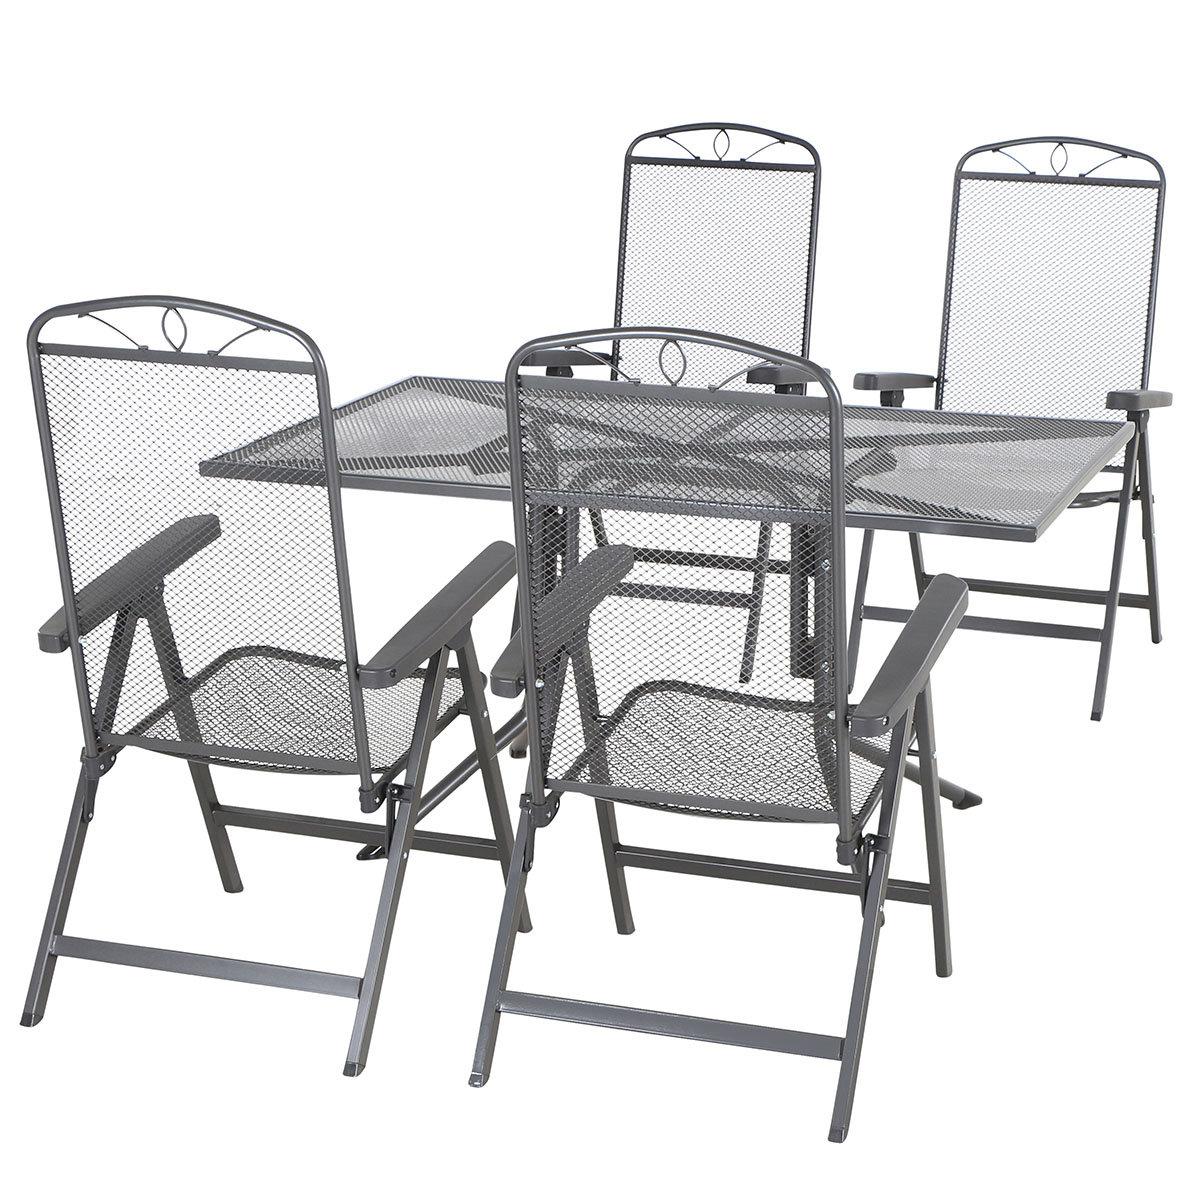 Gartenmöbel-Set Elda mit 4 Klappsesseln und 1 Tisch aus Stahlgeflecht